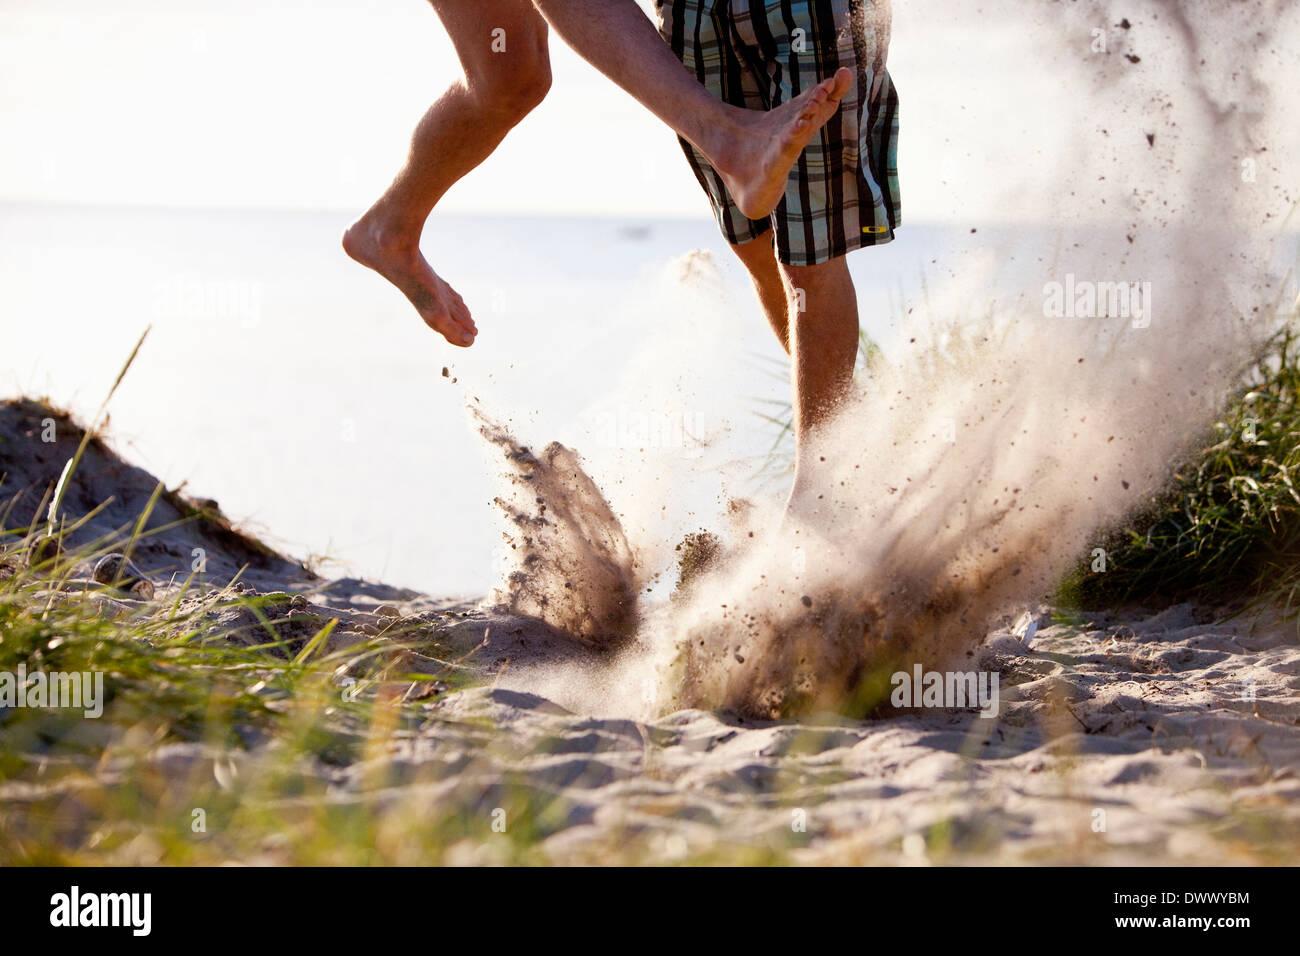 Immagine ritagliata di giocosi amici maschi a beach Immagini Stock